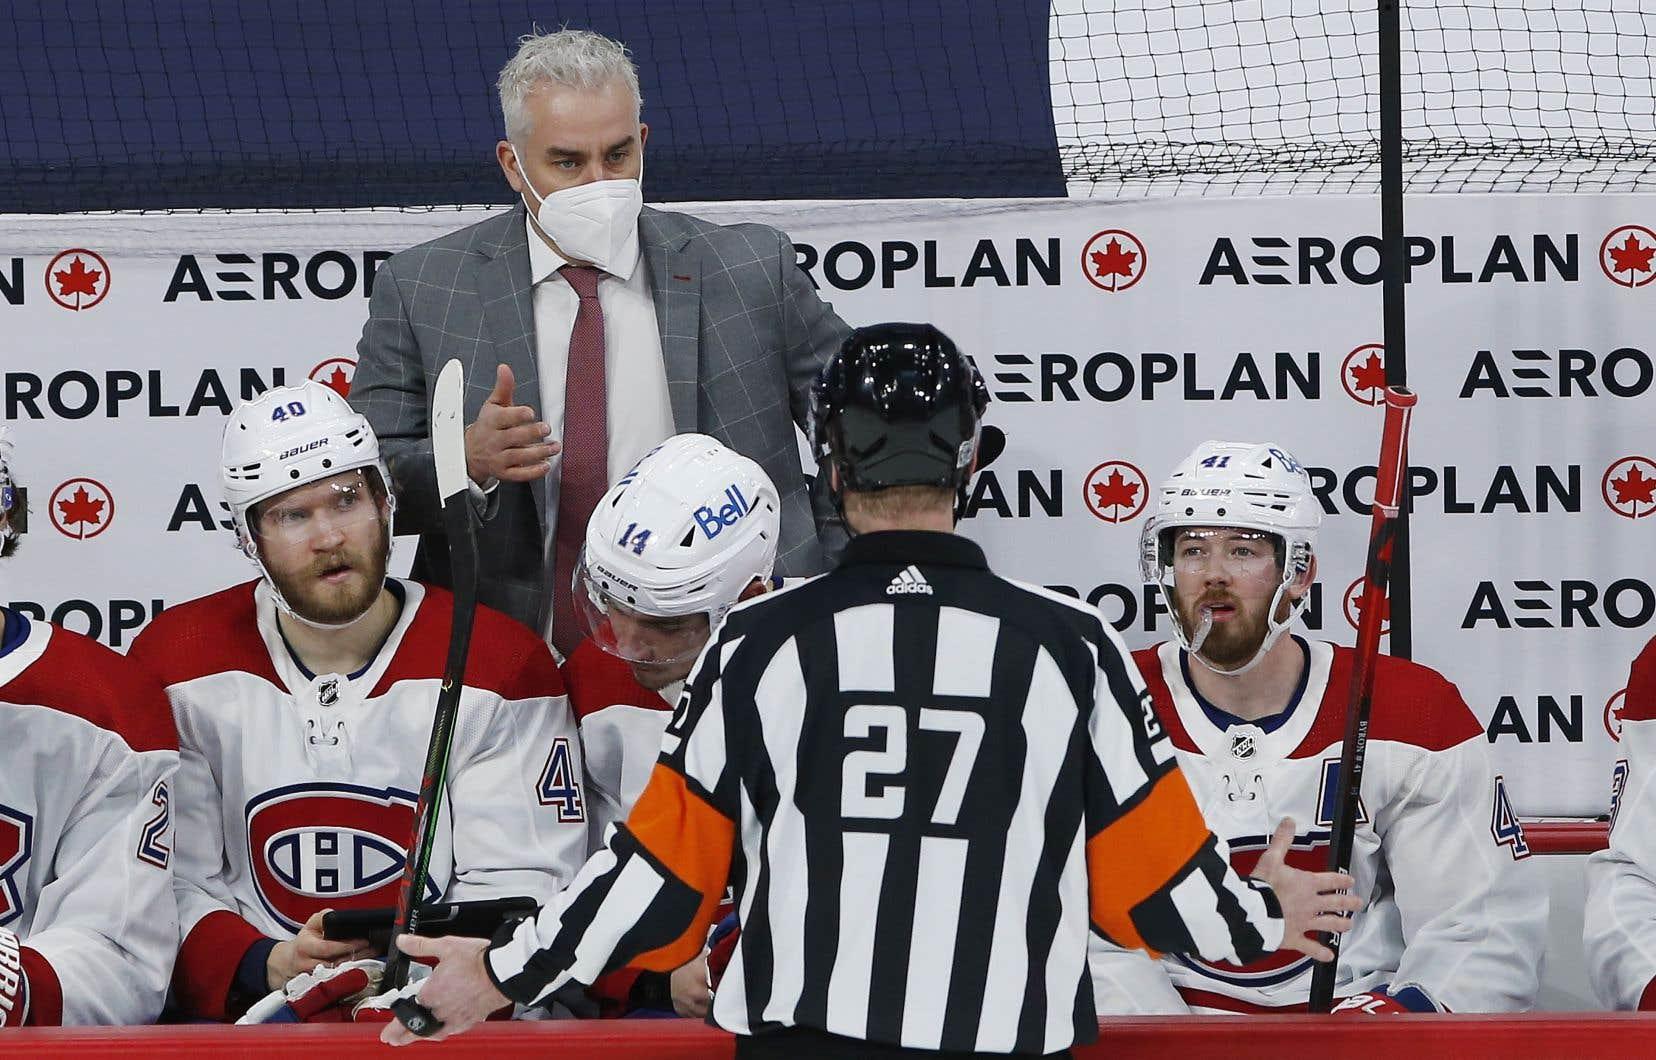 L'entraîneur-chef par intérim du Canadien de Montréal, Dominique Ducharme, durant un match contre les Jets de Winnipeg le 17 février dernier